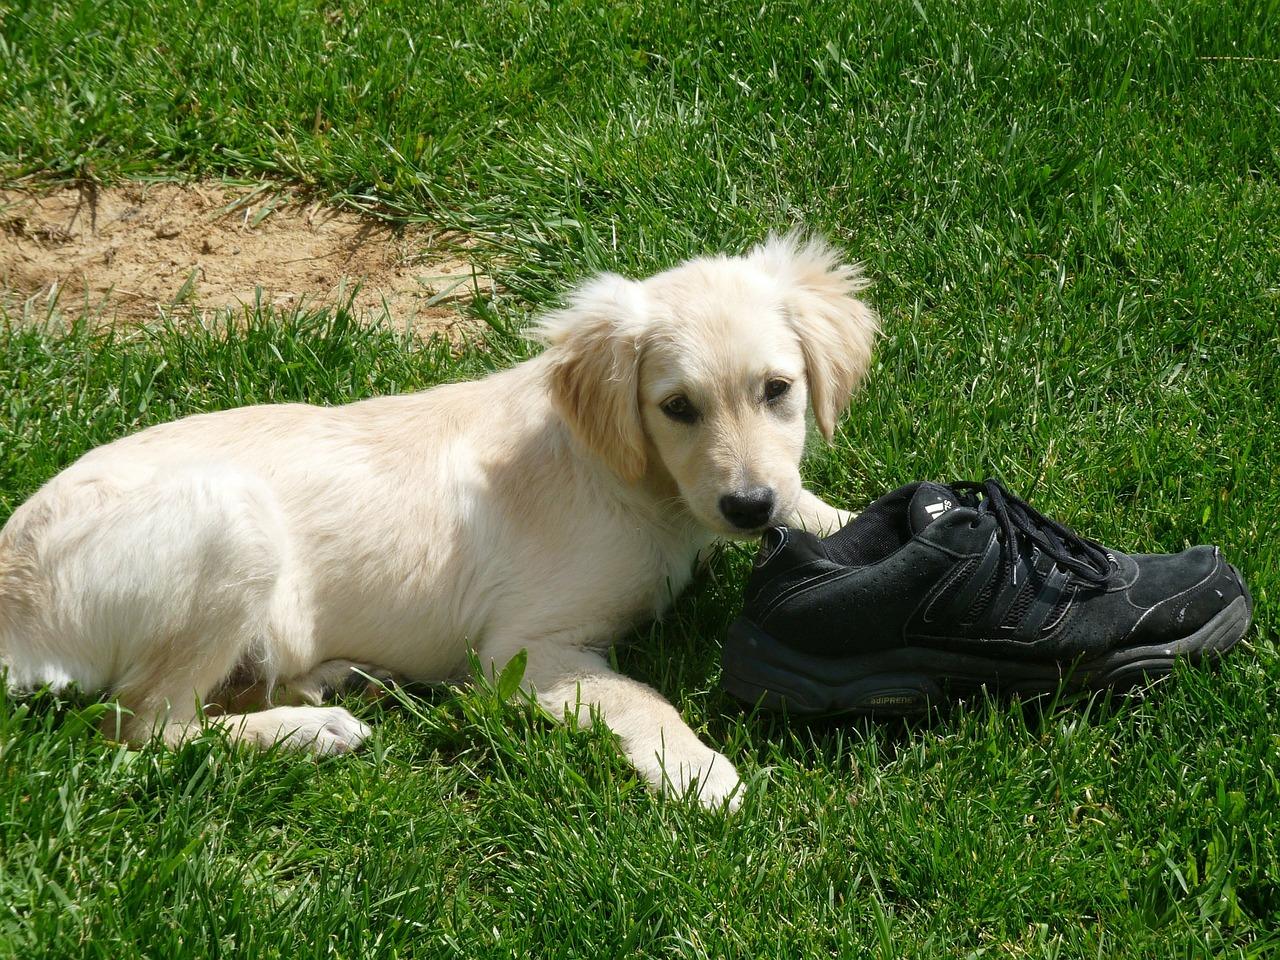 Welpe zerkaut Gegenstände wie Tapete, Sockelleisten, Schuhe